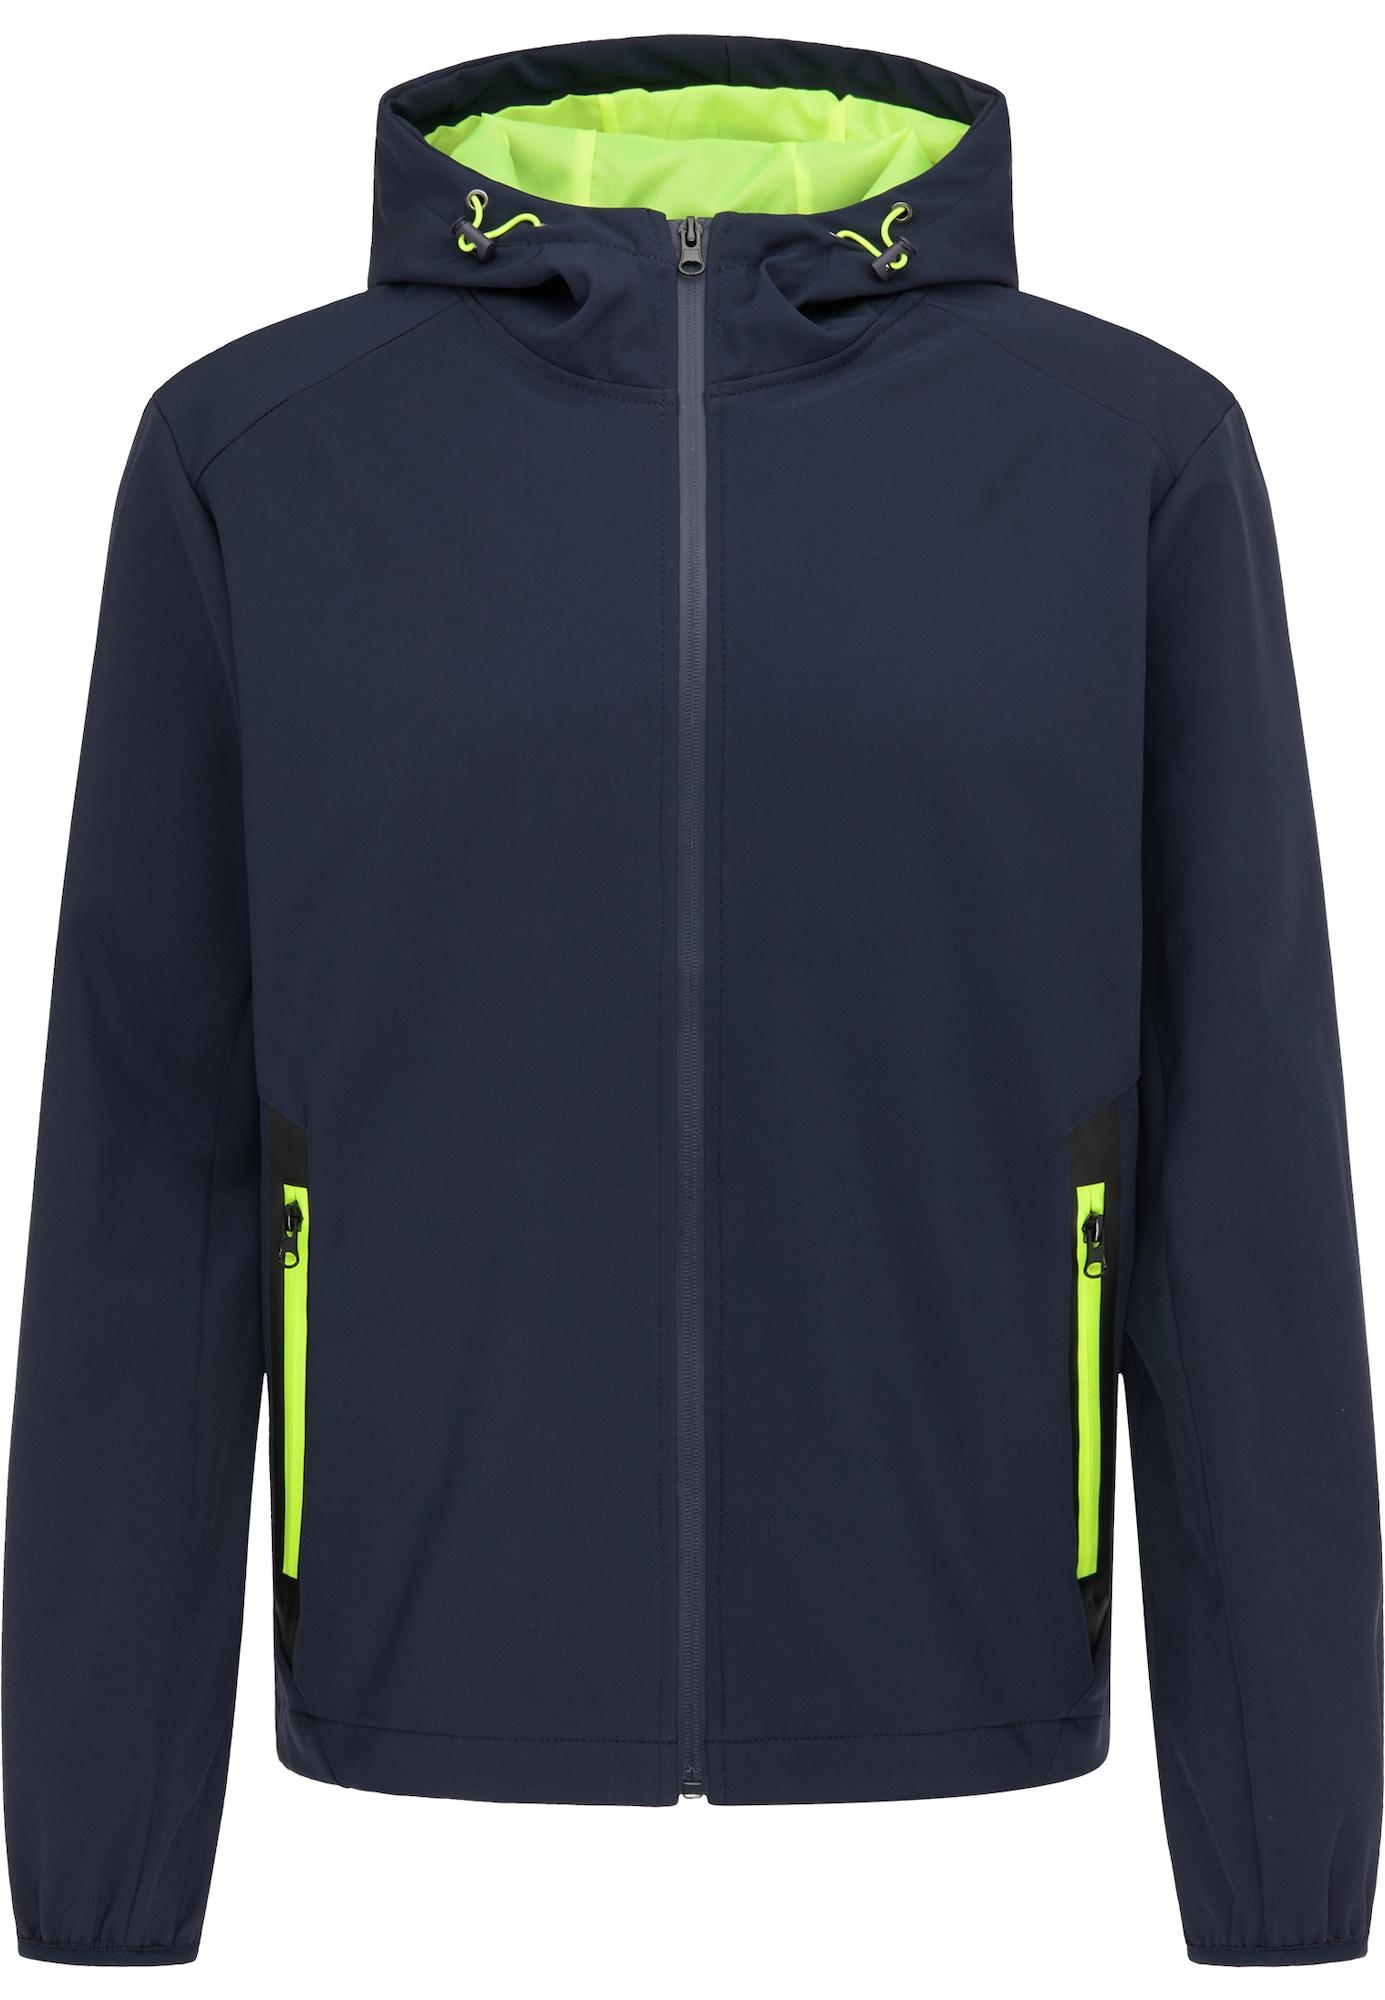 MO Demisezoninė striukė tamsiai mėlyna / neoninė žalia